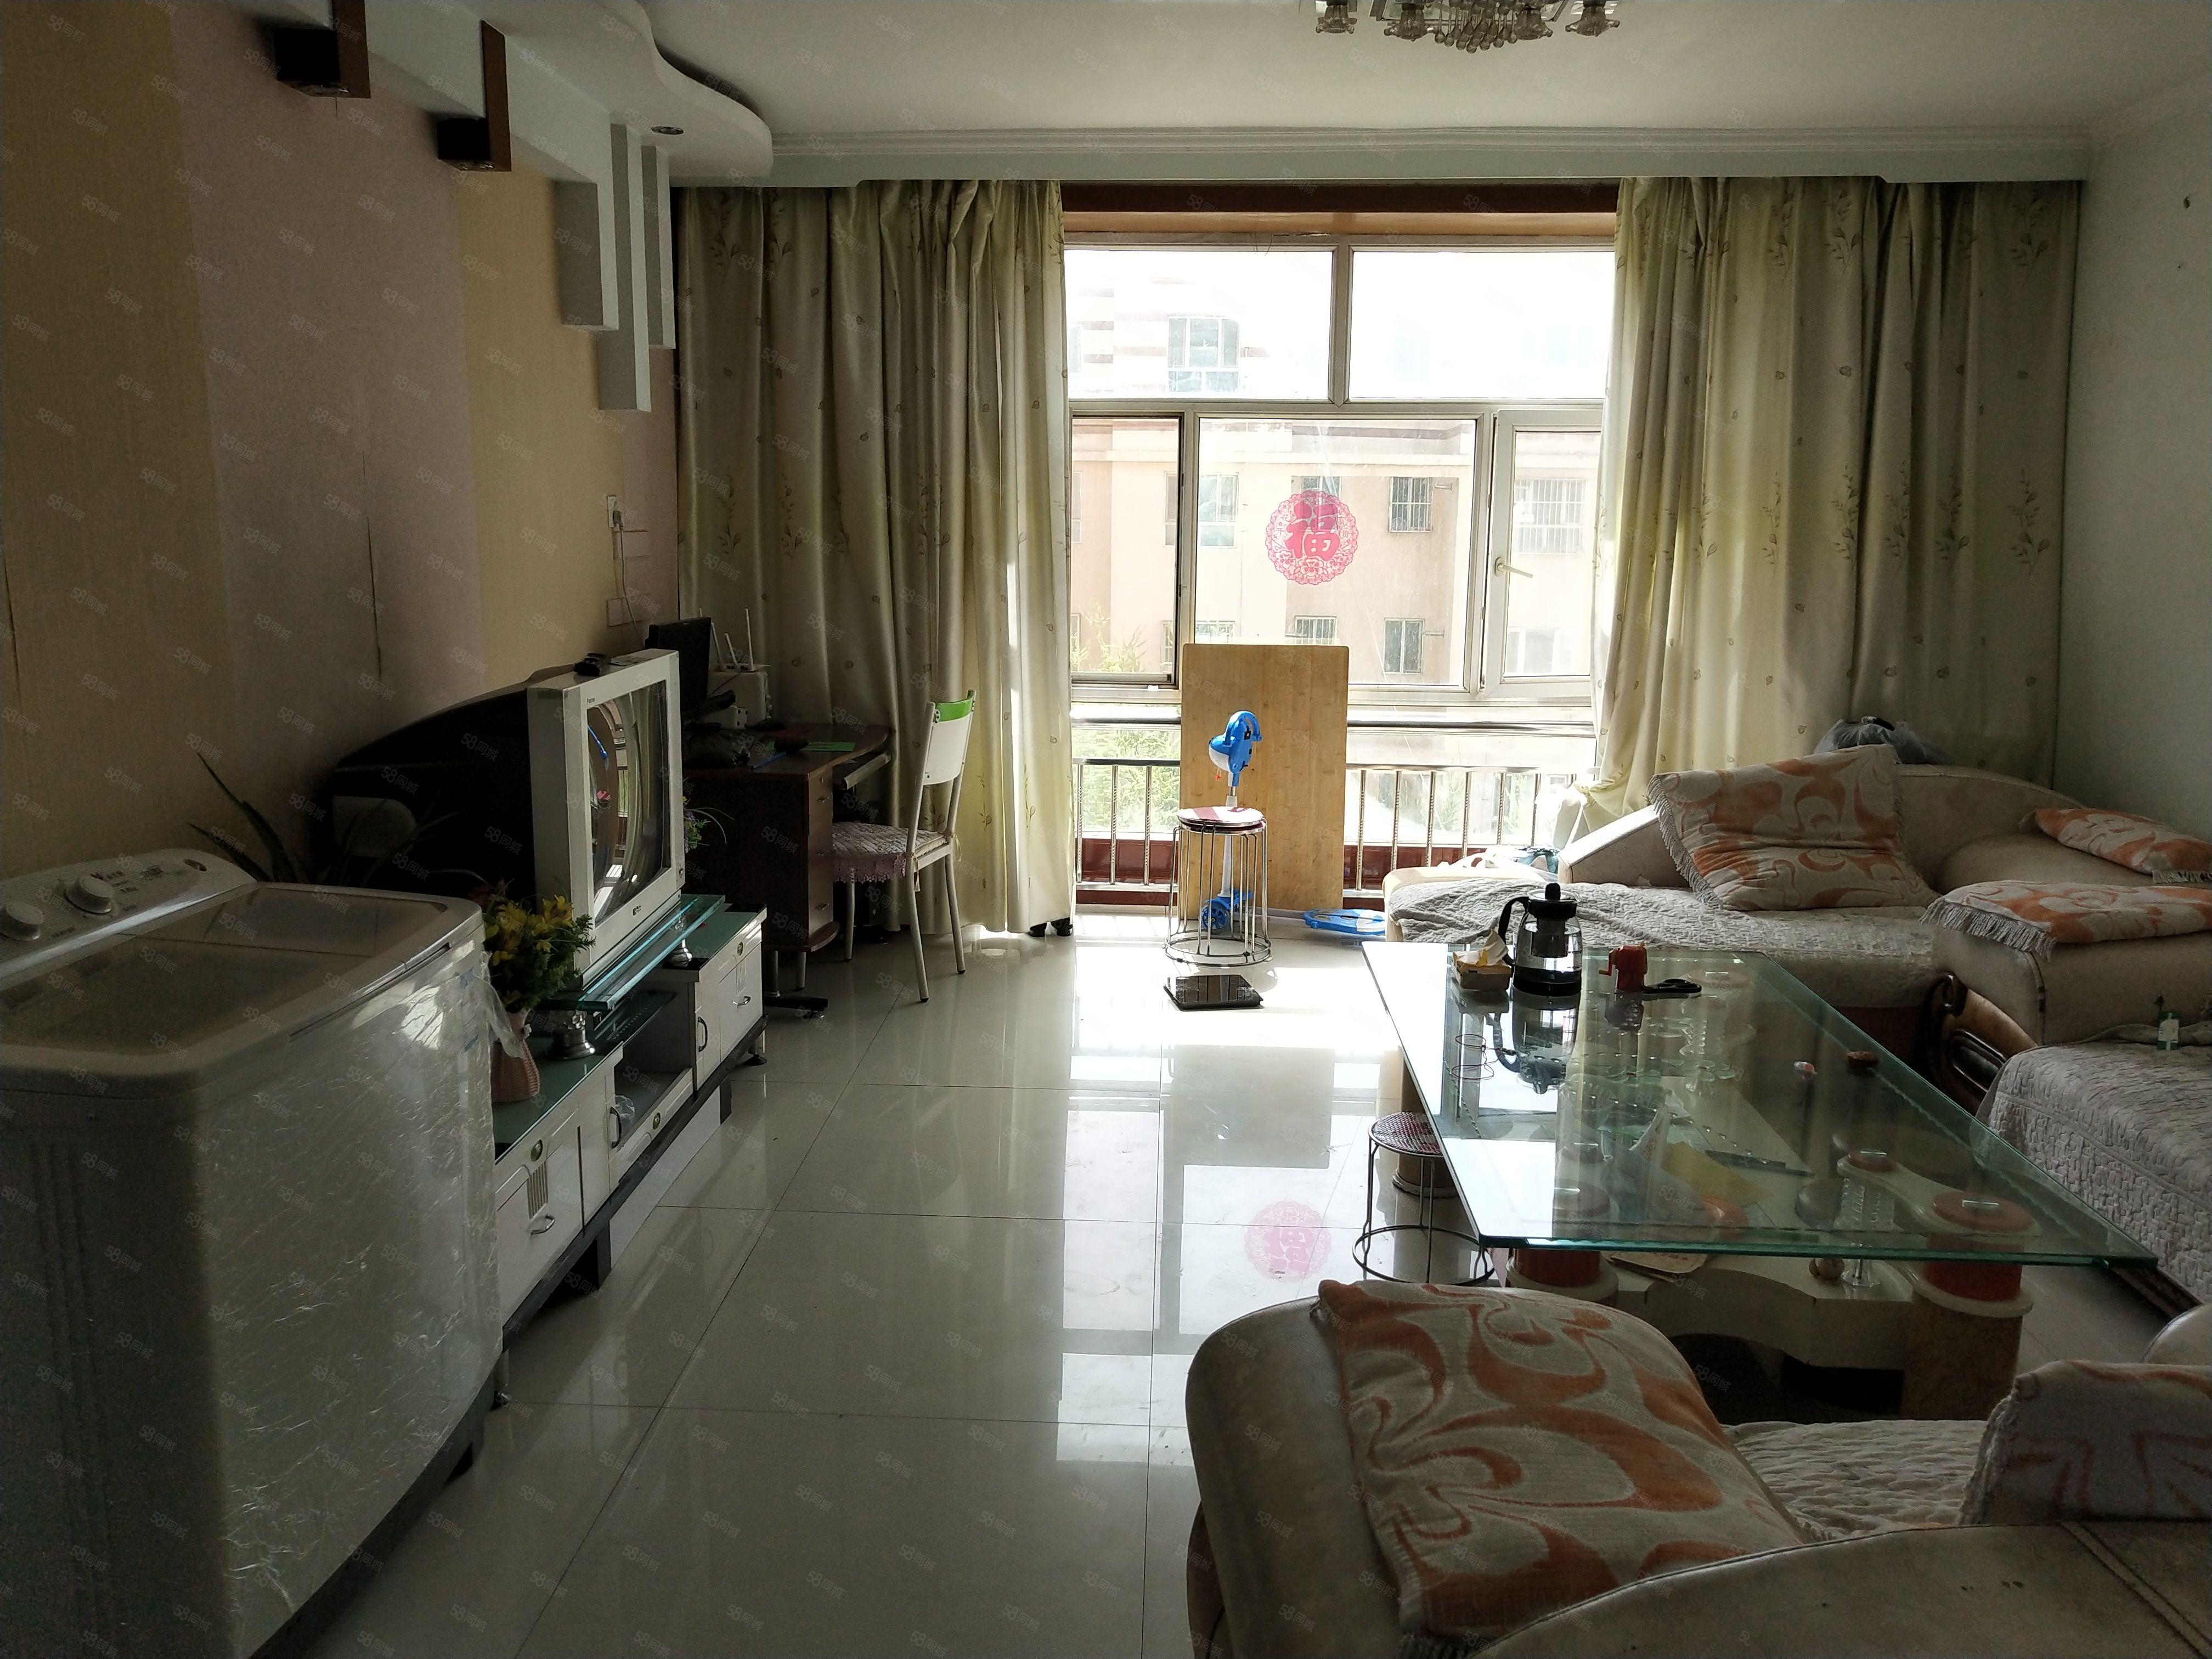 龍澤苑小區5樓兩室兩廳中裝房家具家電齊全拎包入住